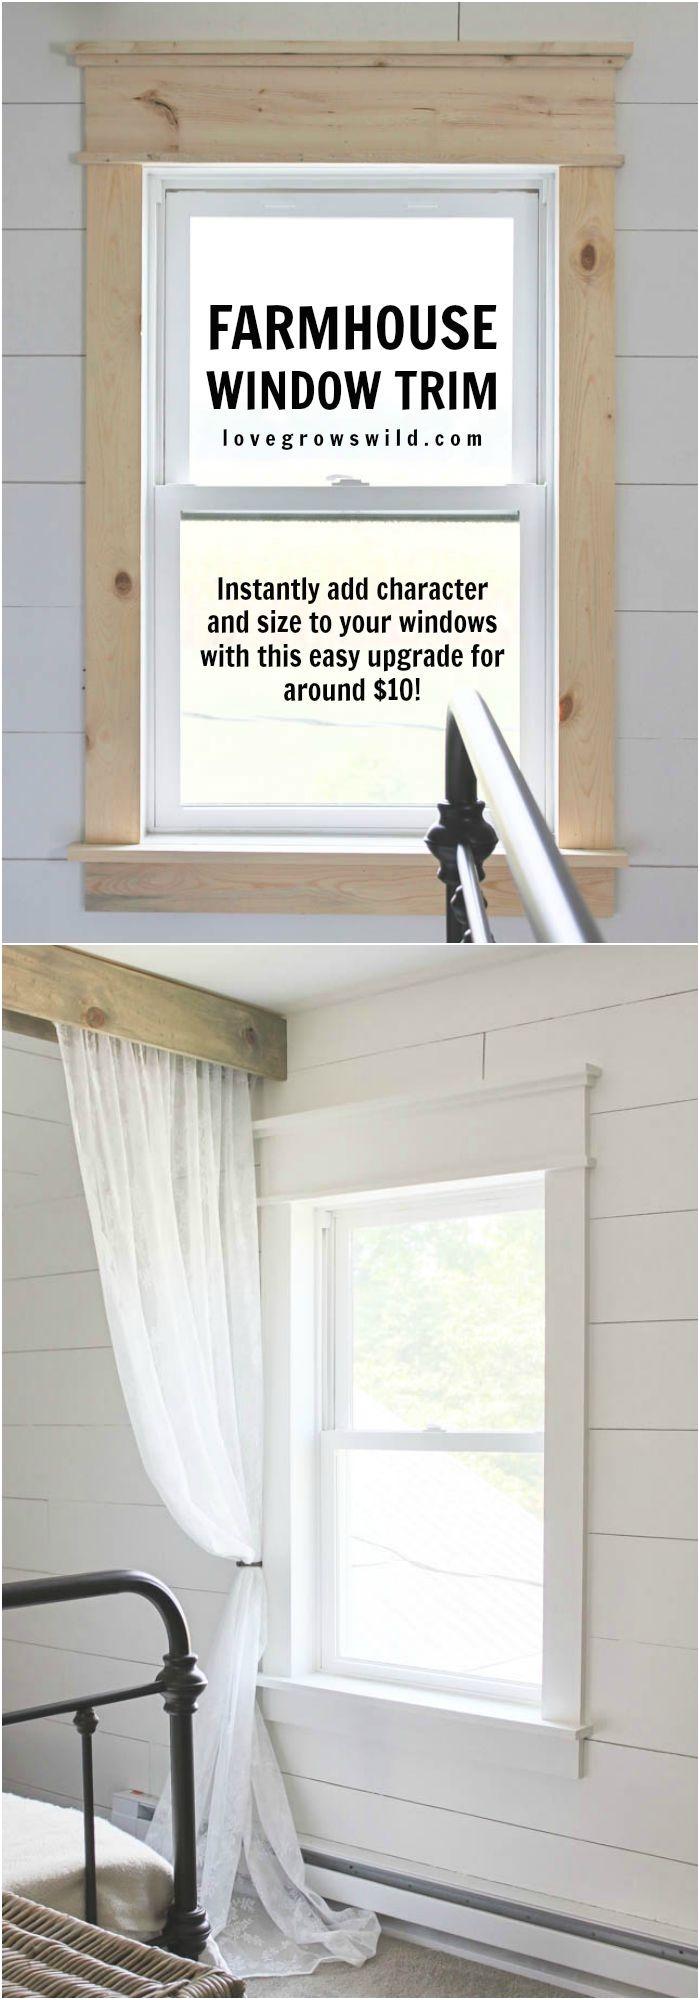 1a9152fec8b24f6bd9dd182750ab3a95 window trims shiplap window trim jpg